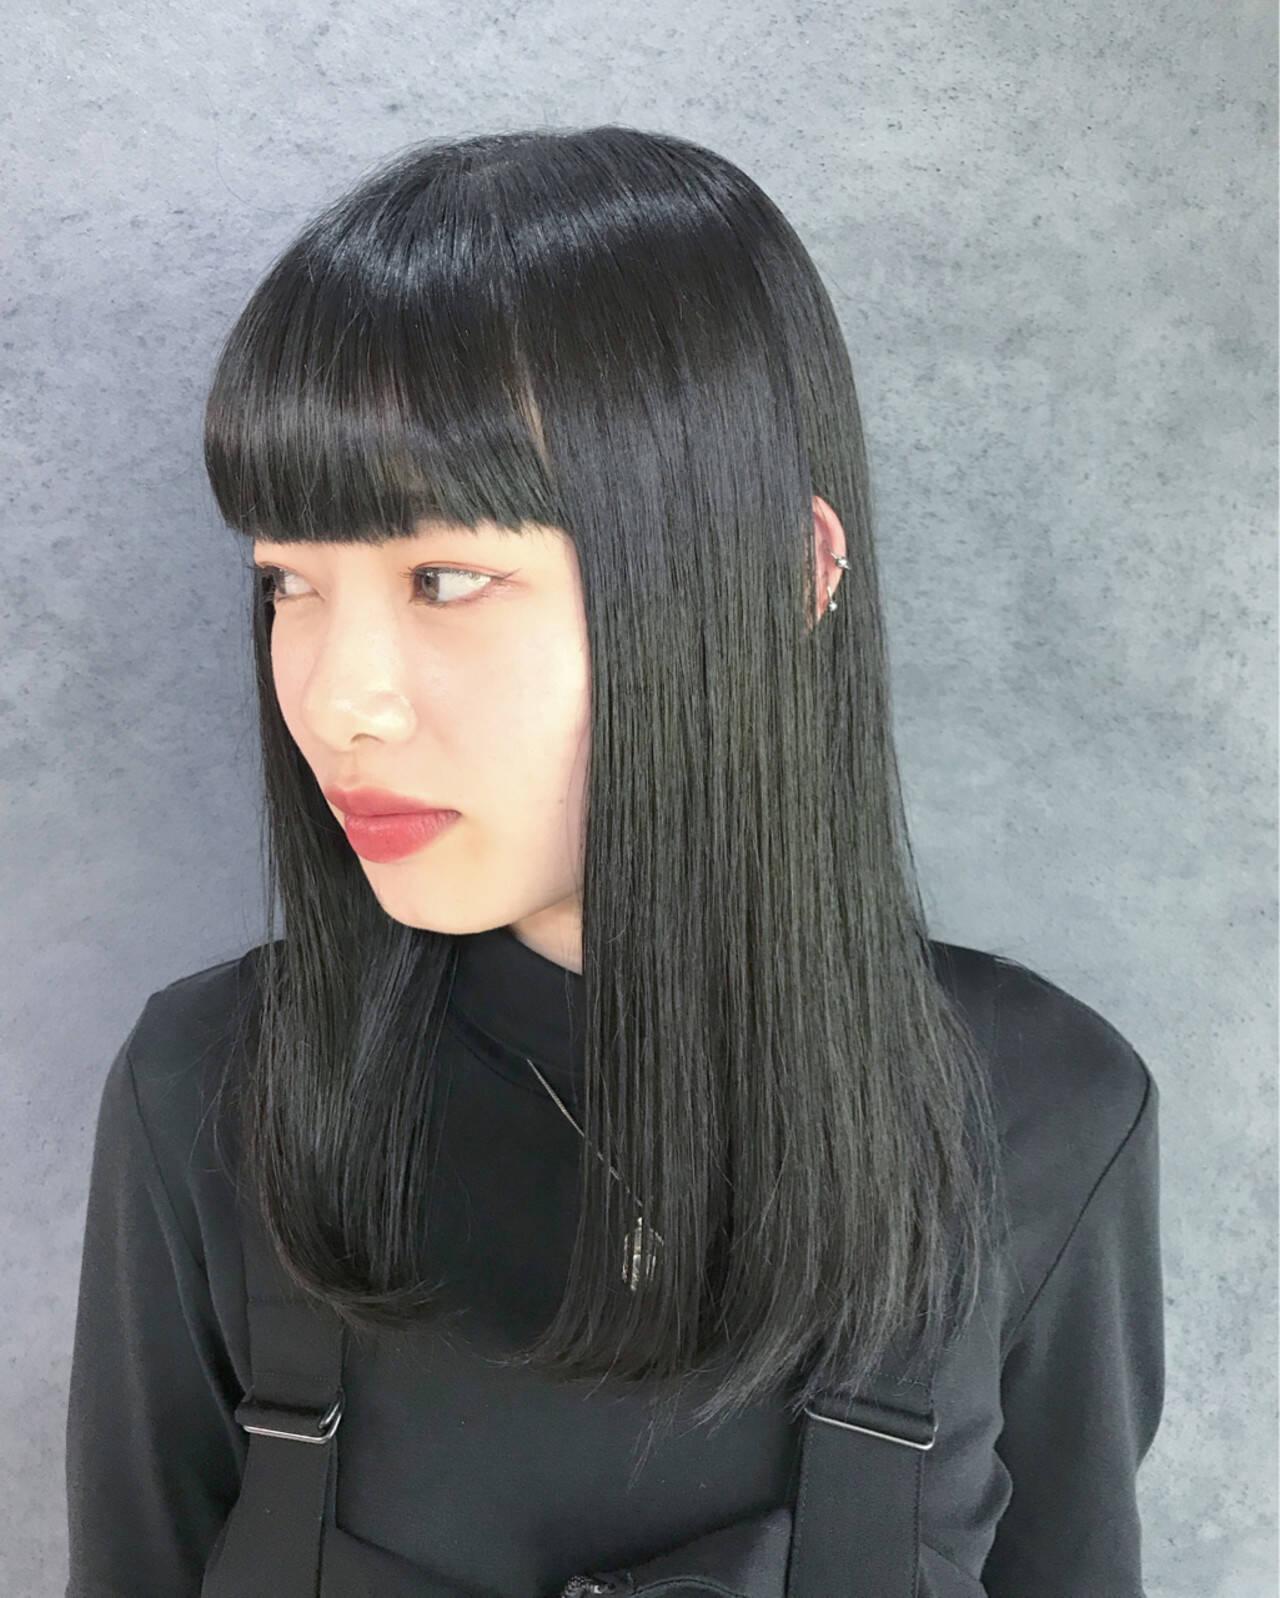 ダークトーン ダークグレー ロング ダークカラーヘアスタイルや髪型の写真・画像